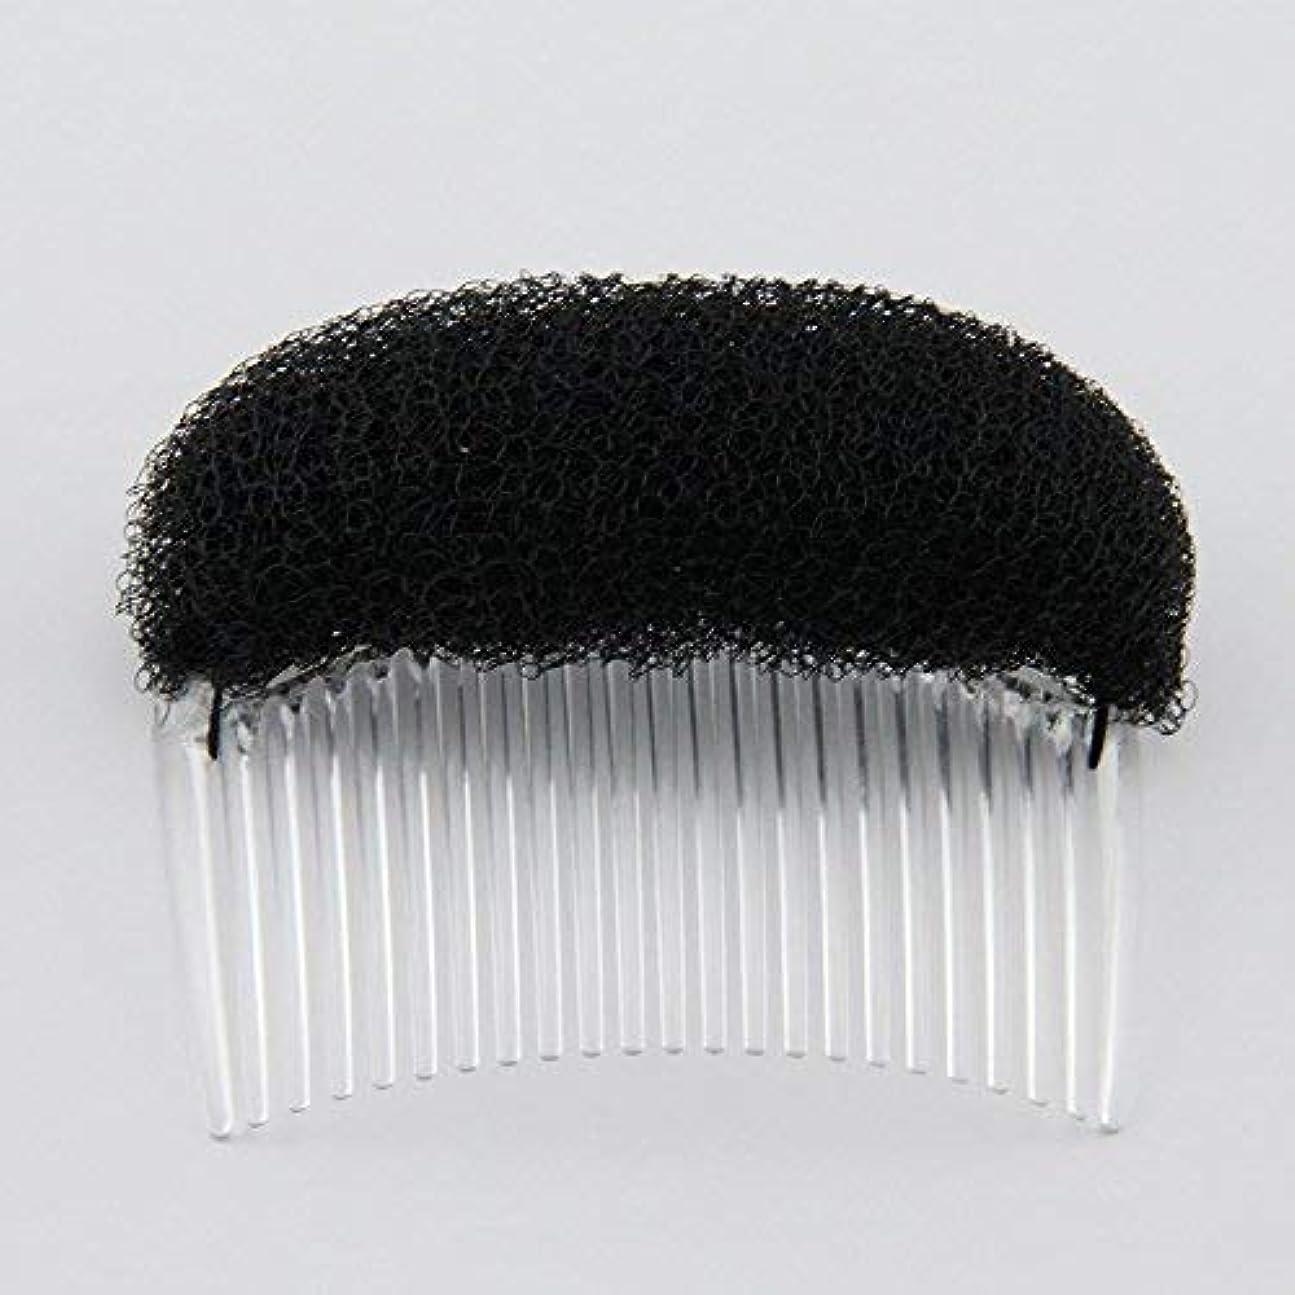 昇る謙虚な高揚した1PC Charming BUMP IT UP Volume Inserts Do Beehive hair styler Insert Tool Hair Comb Black/Brown colors for choose...